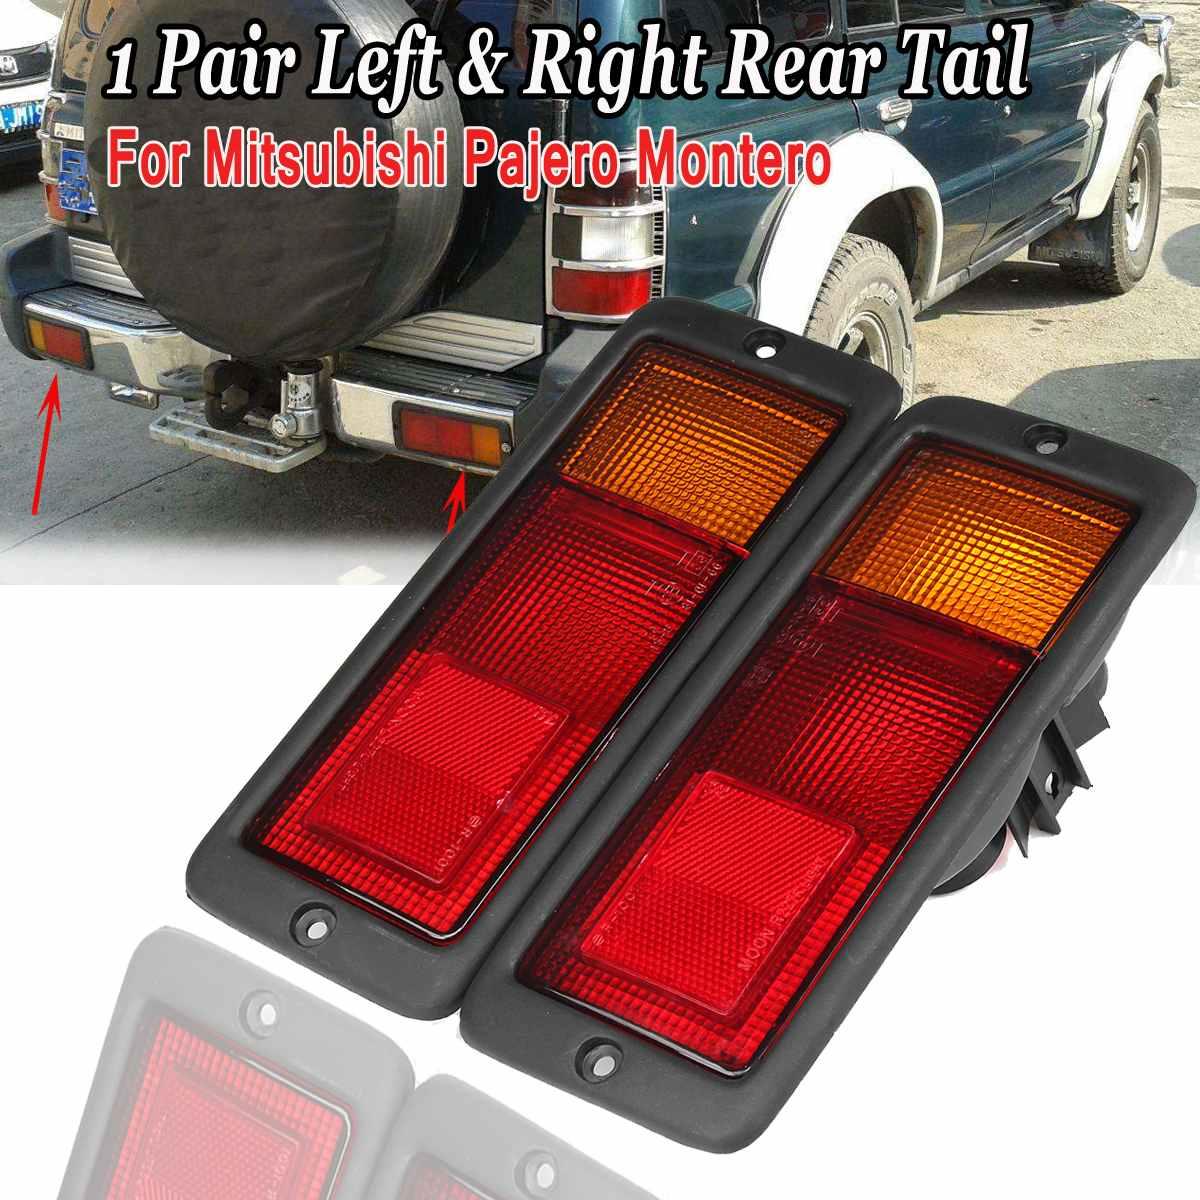 2X tylne światło samochodu światła halogenowe MB124963 MB124964 214-1946L-UE 2141946RUE dla Mitsubishi Pajero Montero 1992 - 1999